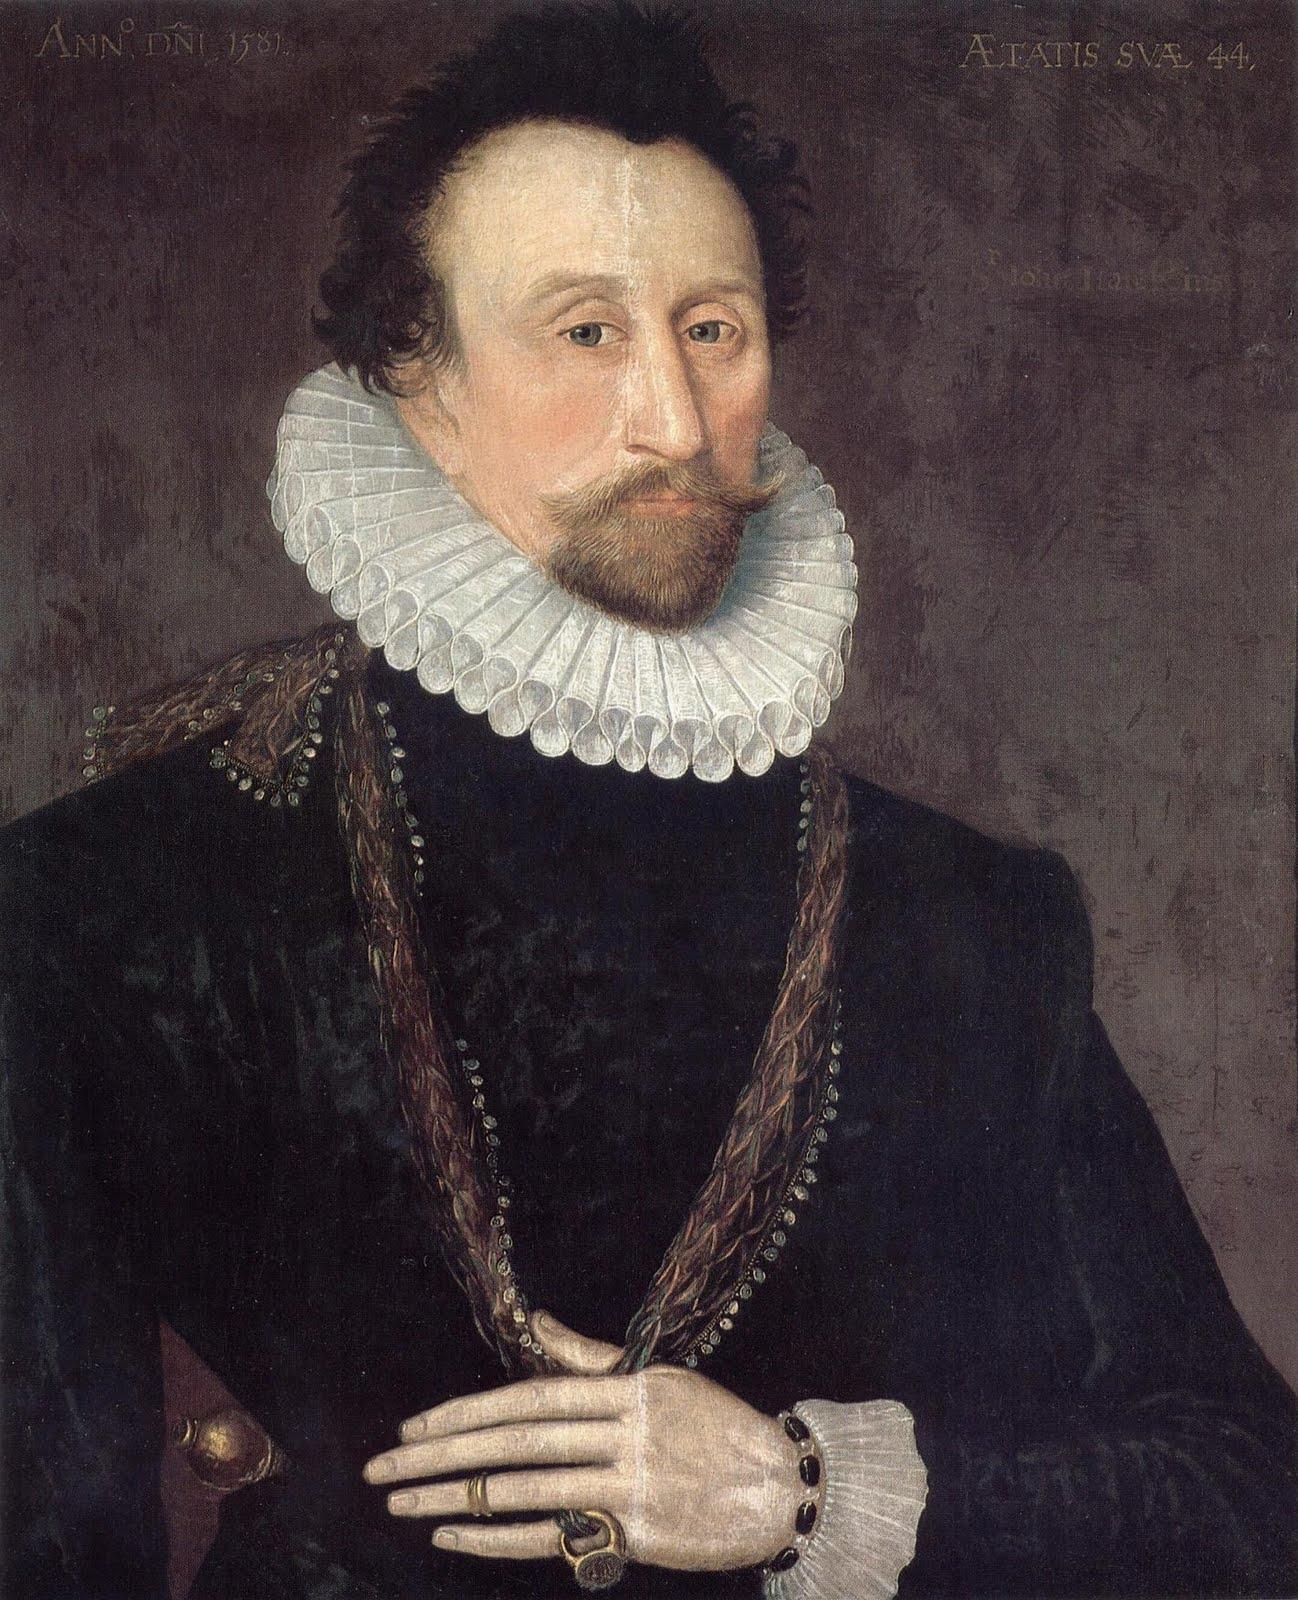 Privateer John Hawkins